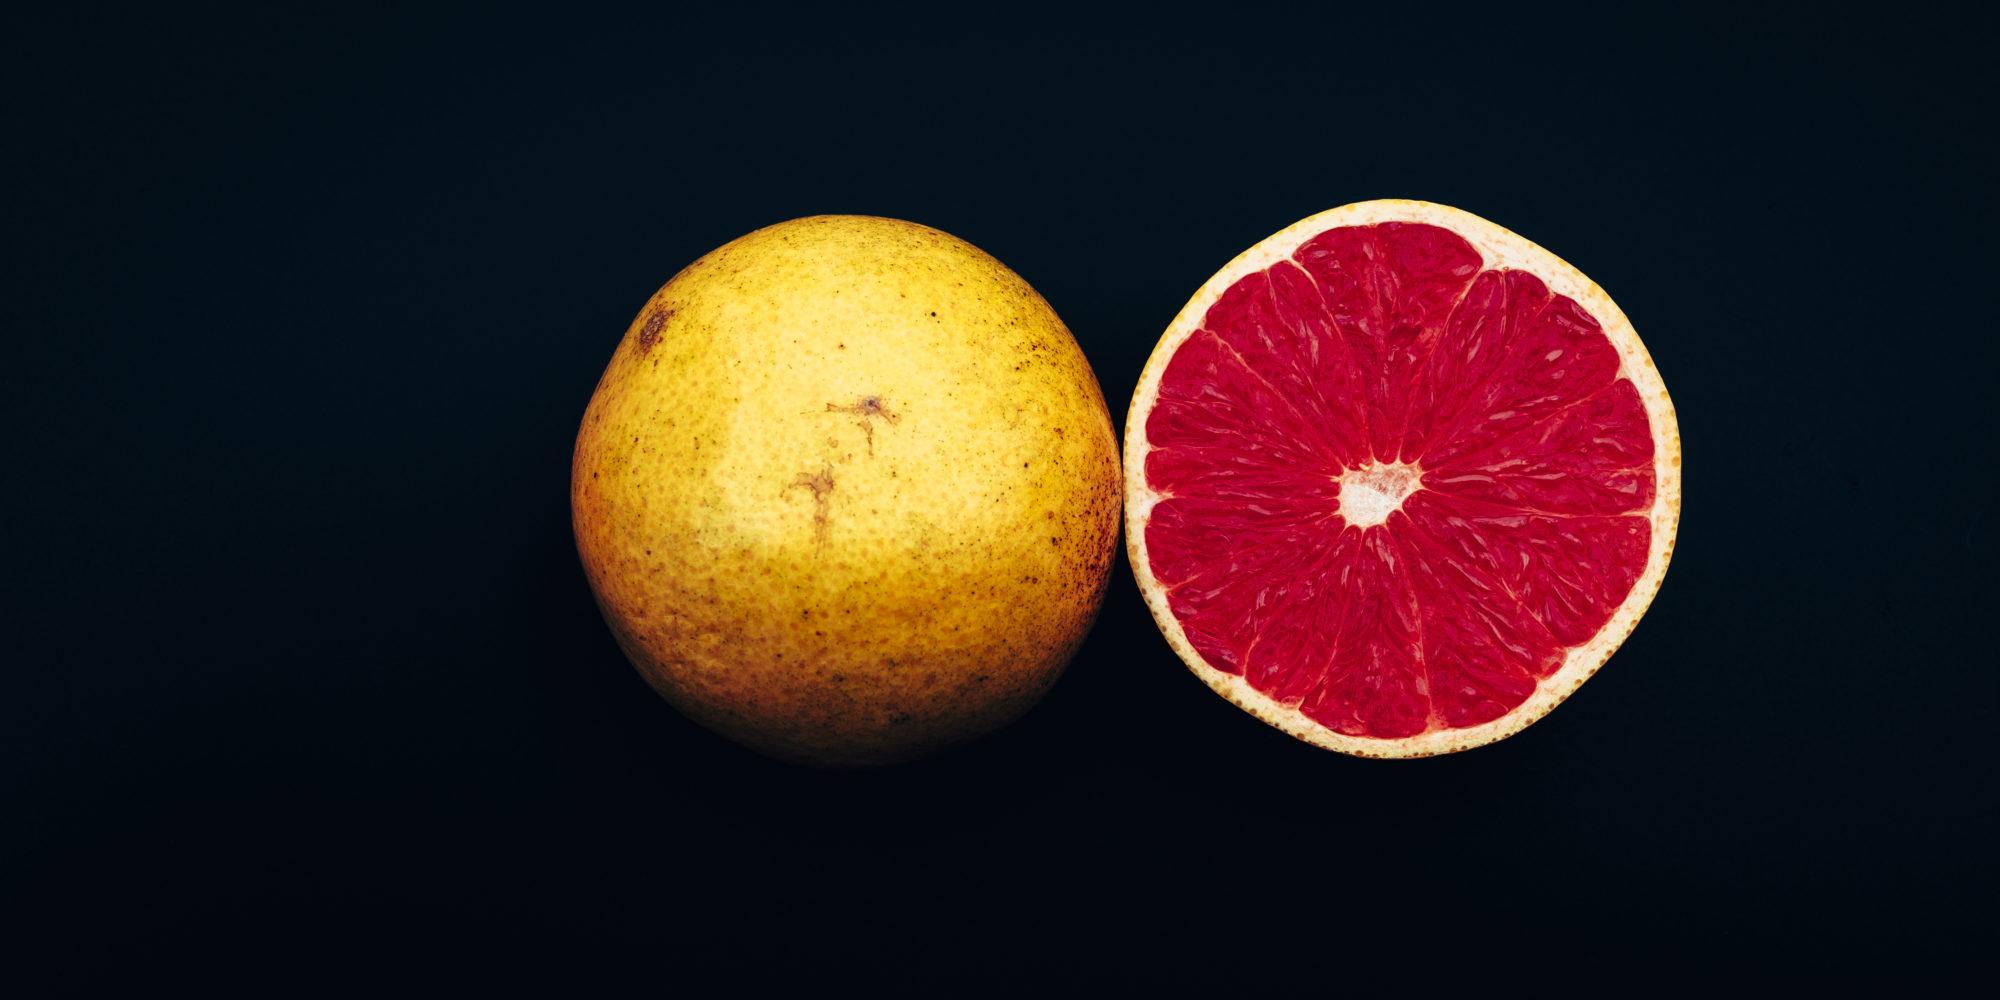 Frische Grapefruit halbiert vor schwarzem Hintergrund, Dinner in the Dark Motiv